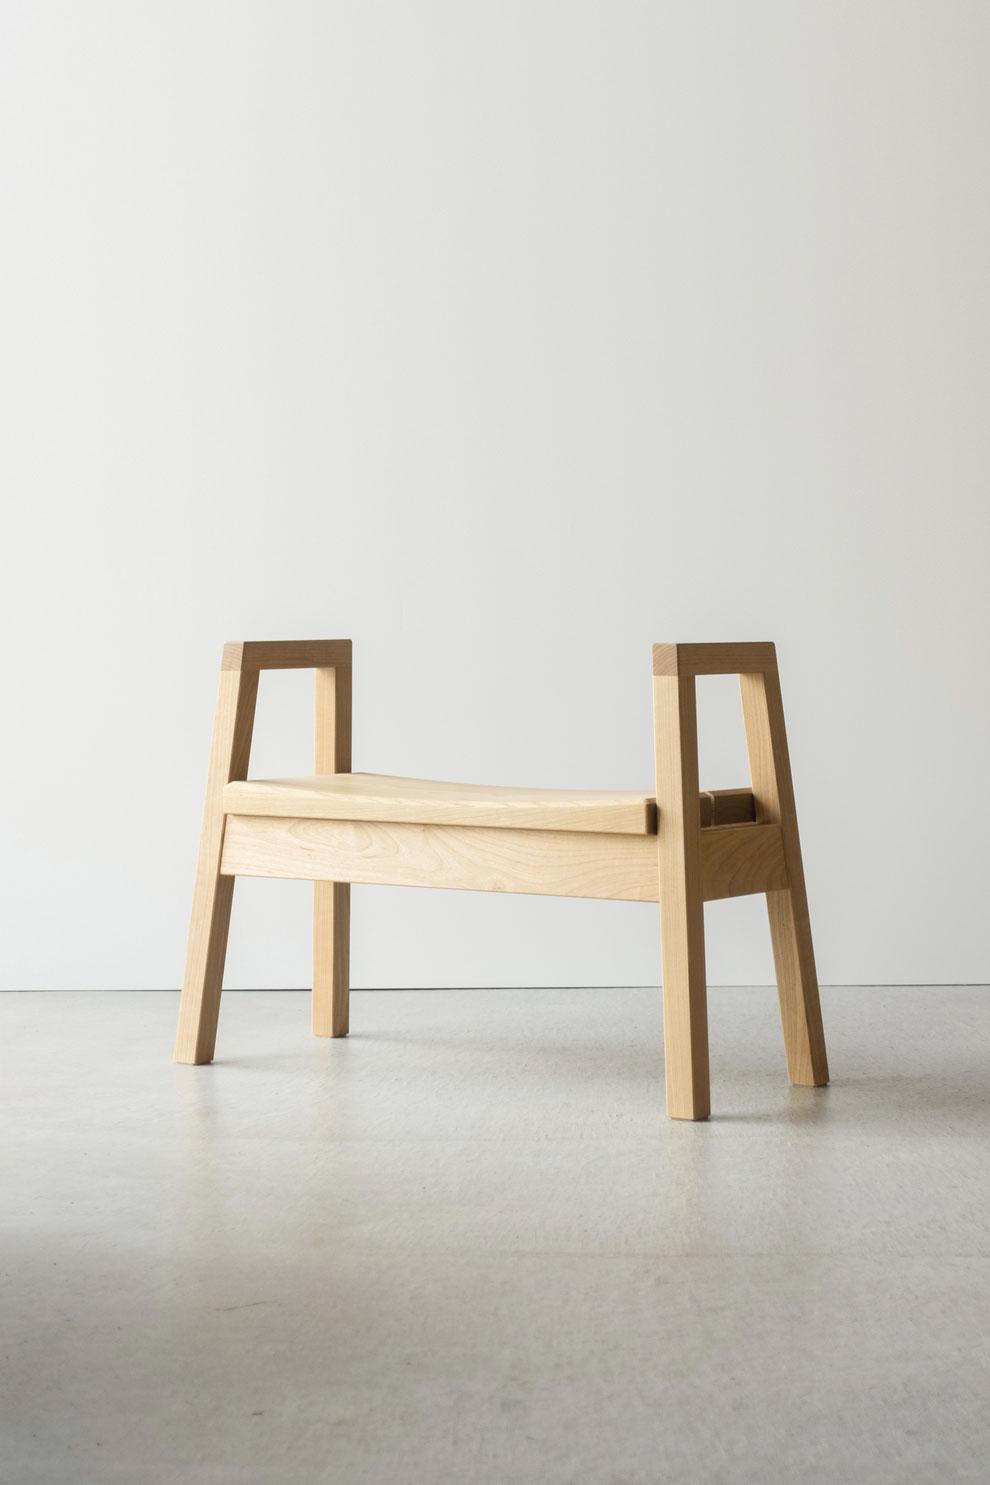 仙台 秋保 秋保温泉 クラスコファニチャー オーダー家具 無垢材 玄関スツール